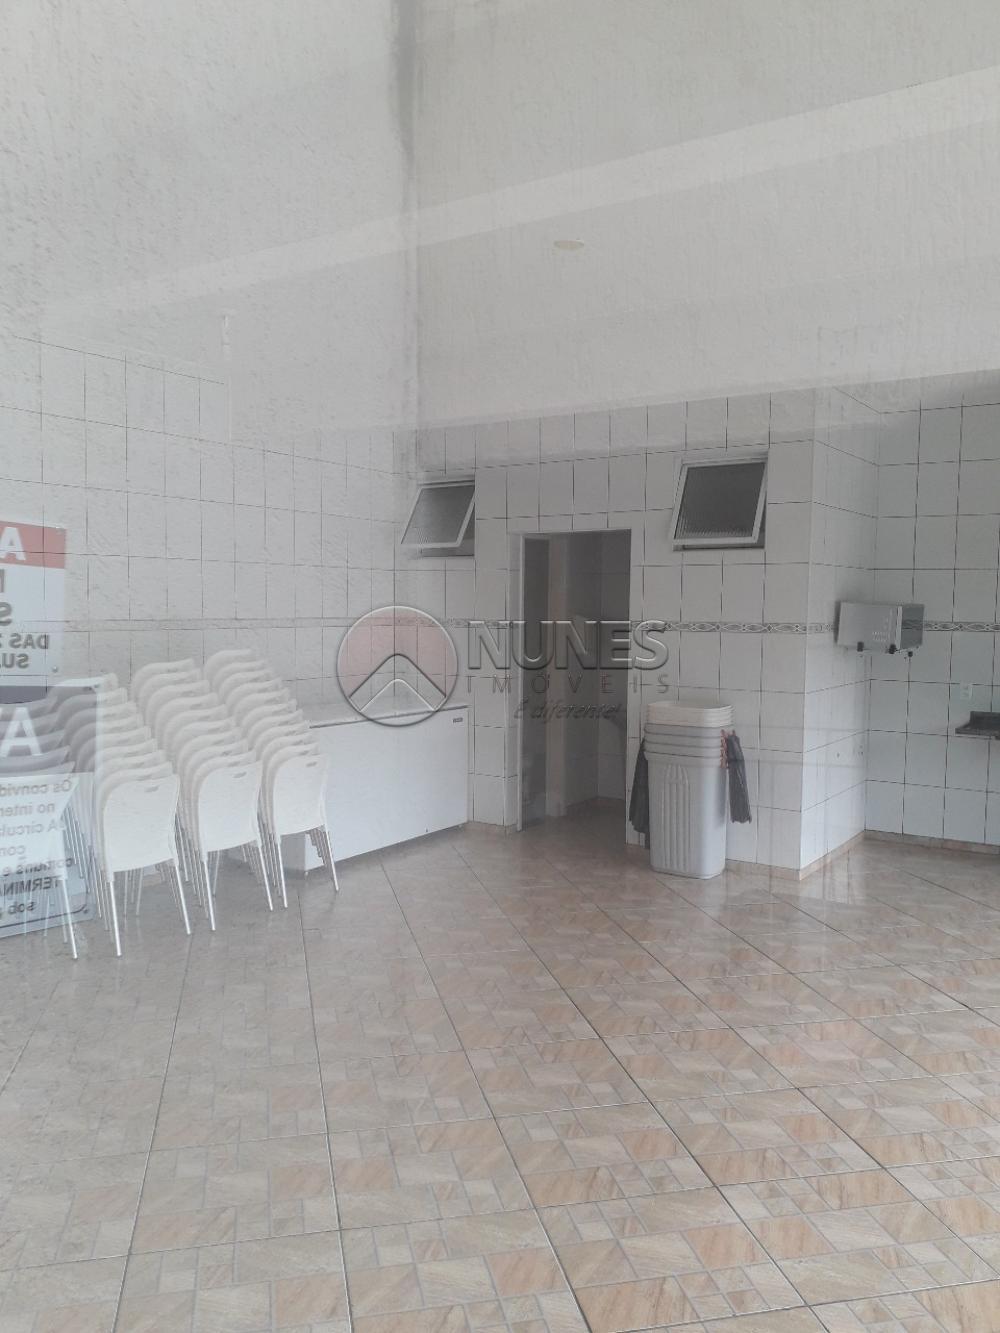 Alugar Casa / Sobrado em Condominio em São Paulo apenas R$ 1.000,00 - Foto 25